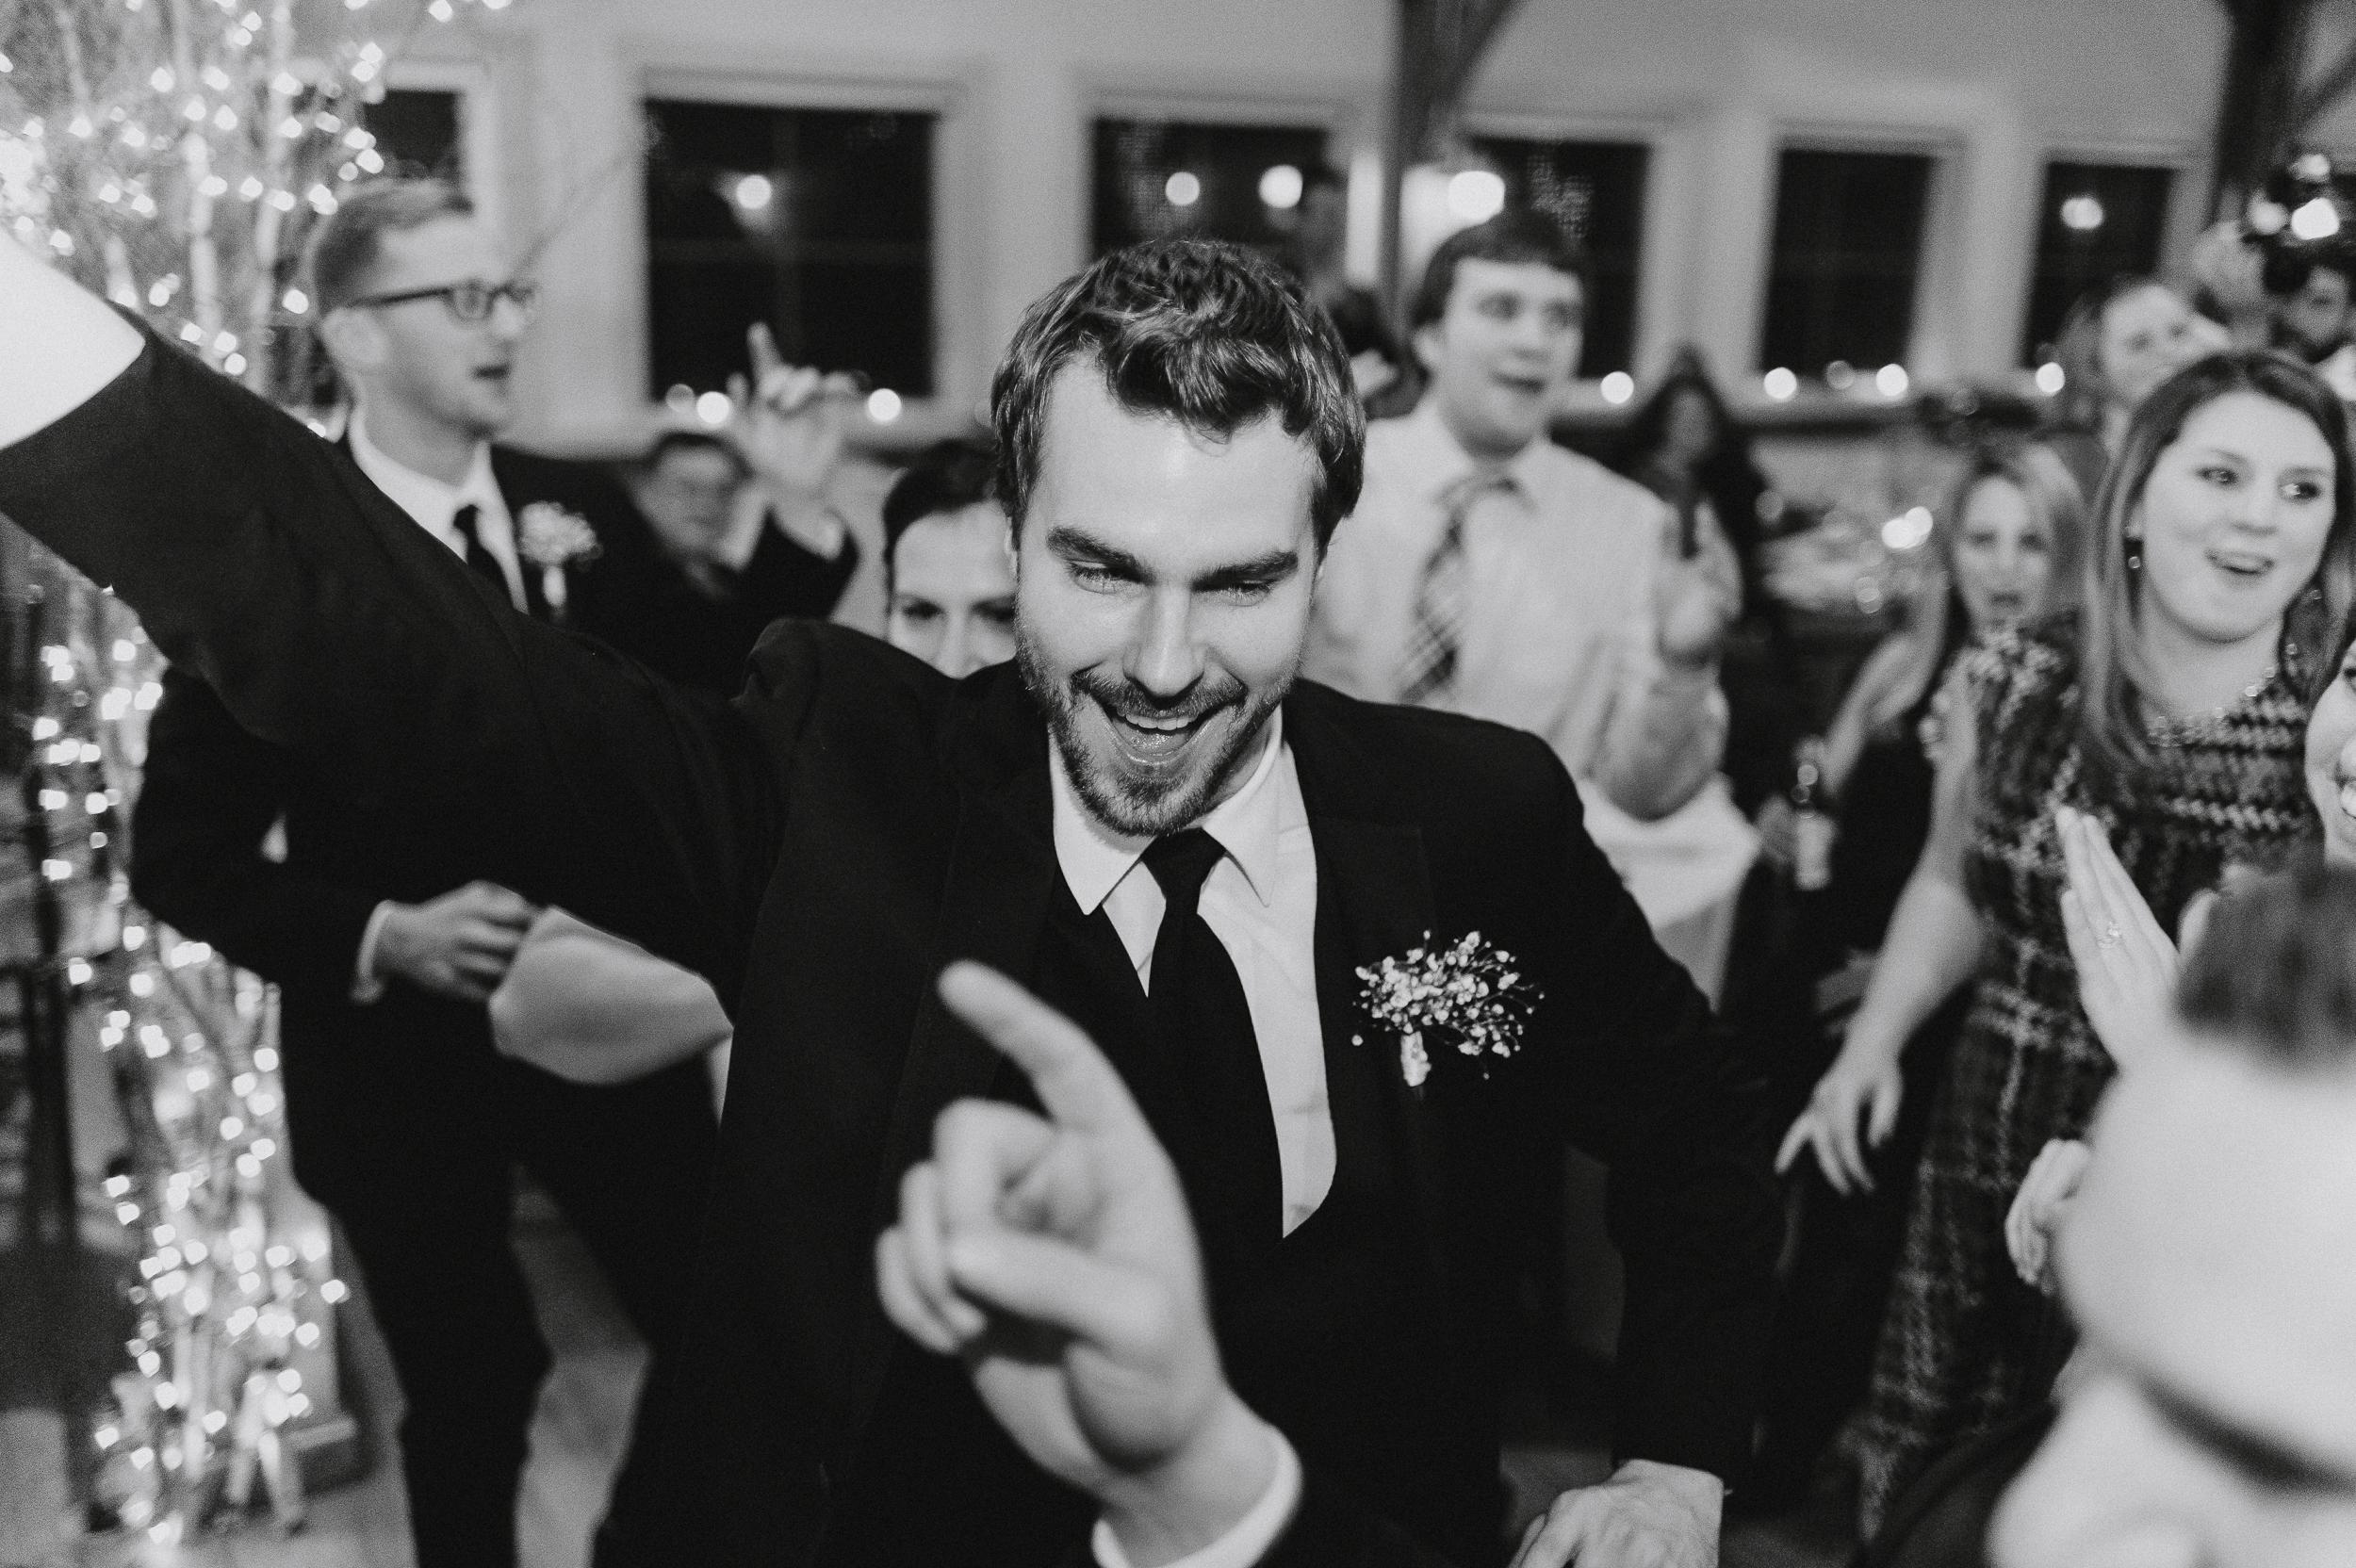 vermont-destination-wedding-photographer-71.jpg